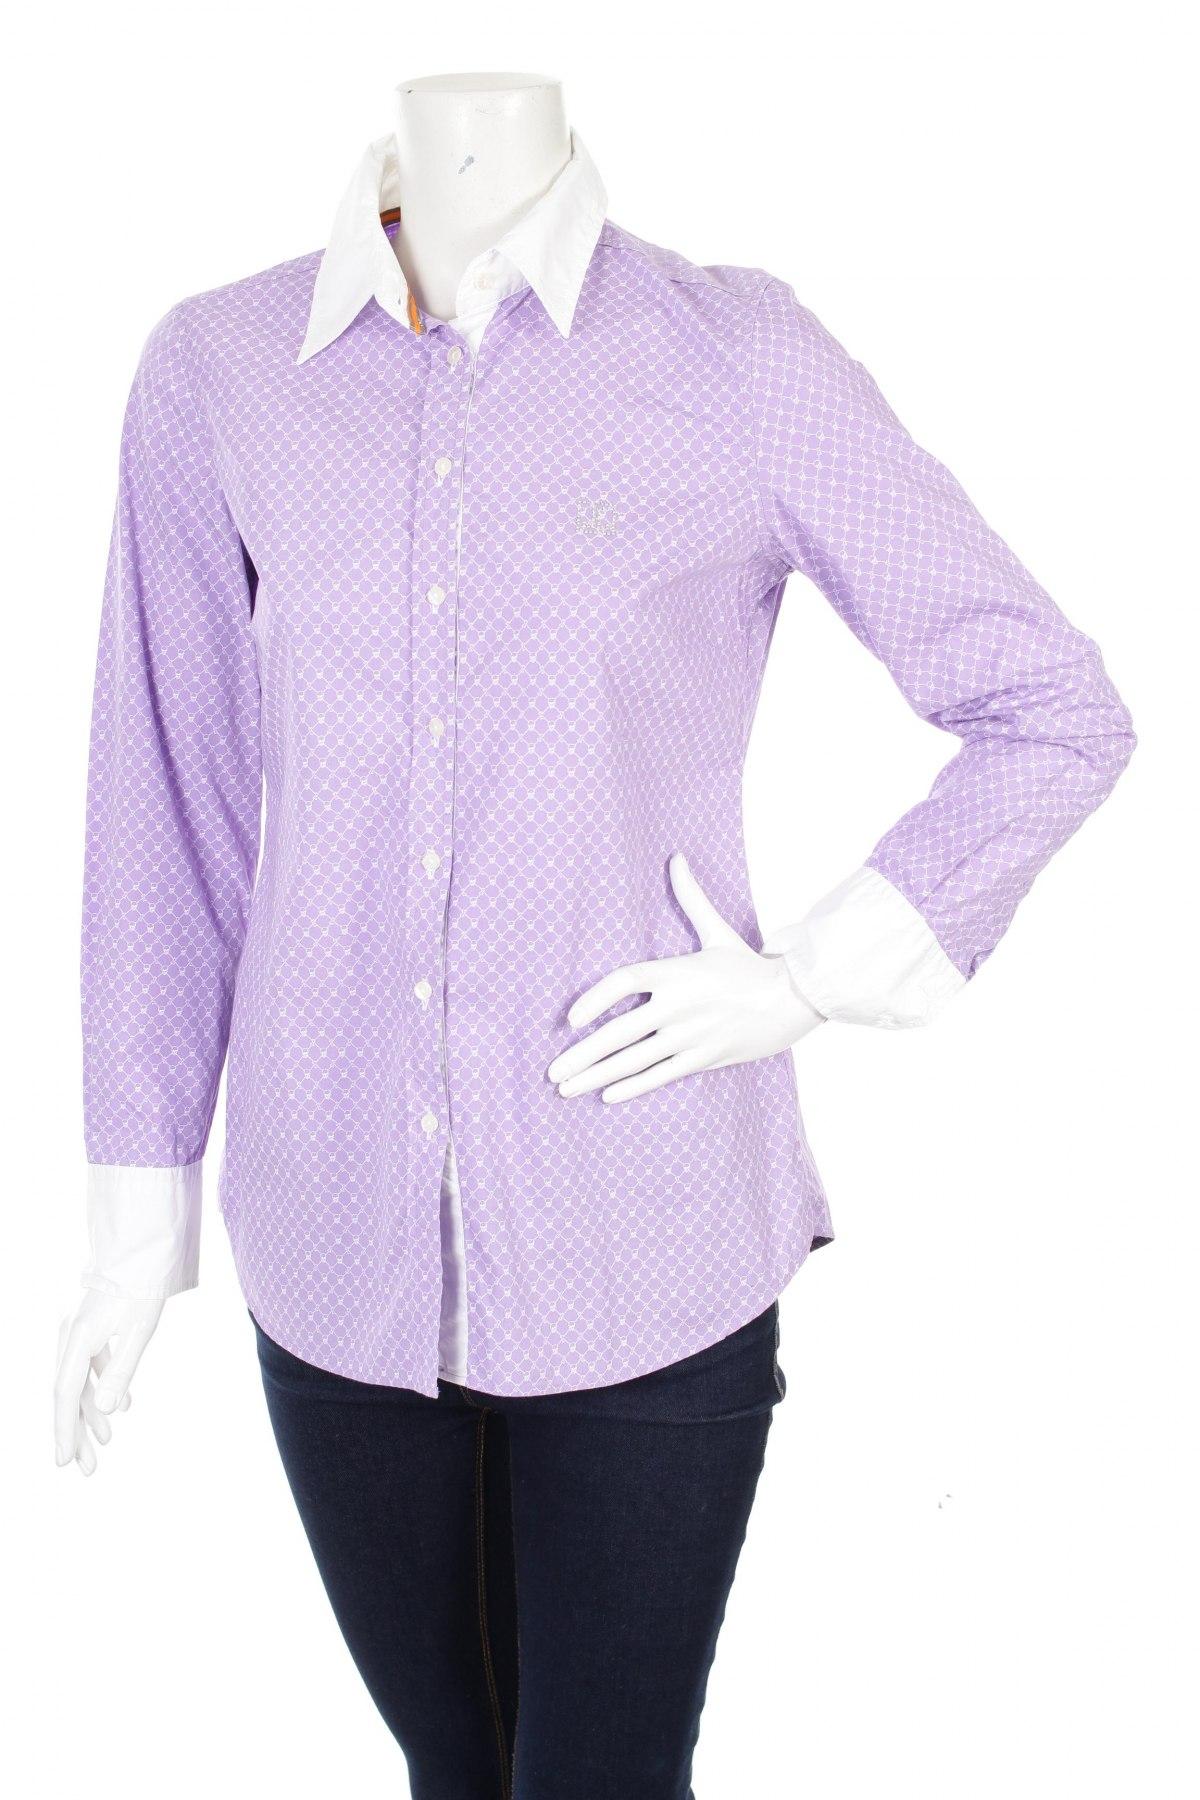 Γυναικείο πουκάμισο Jette